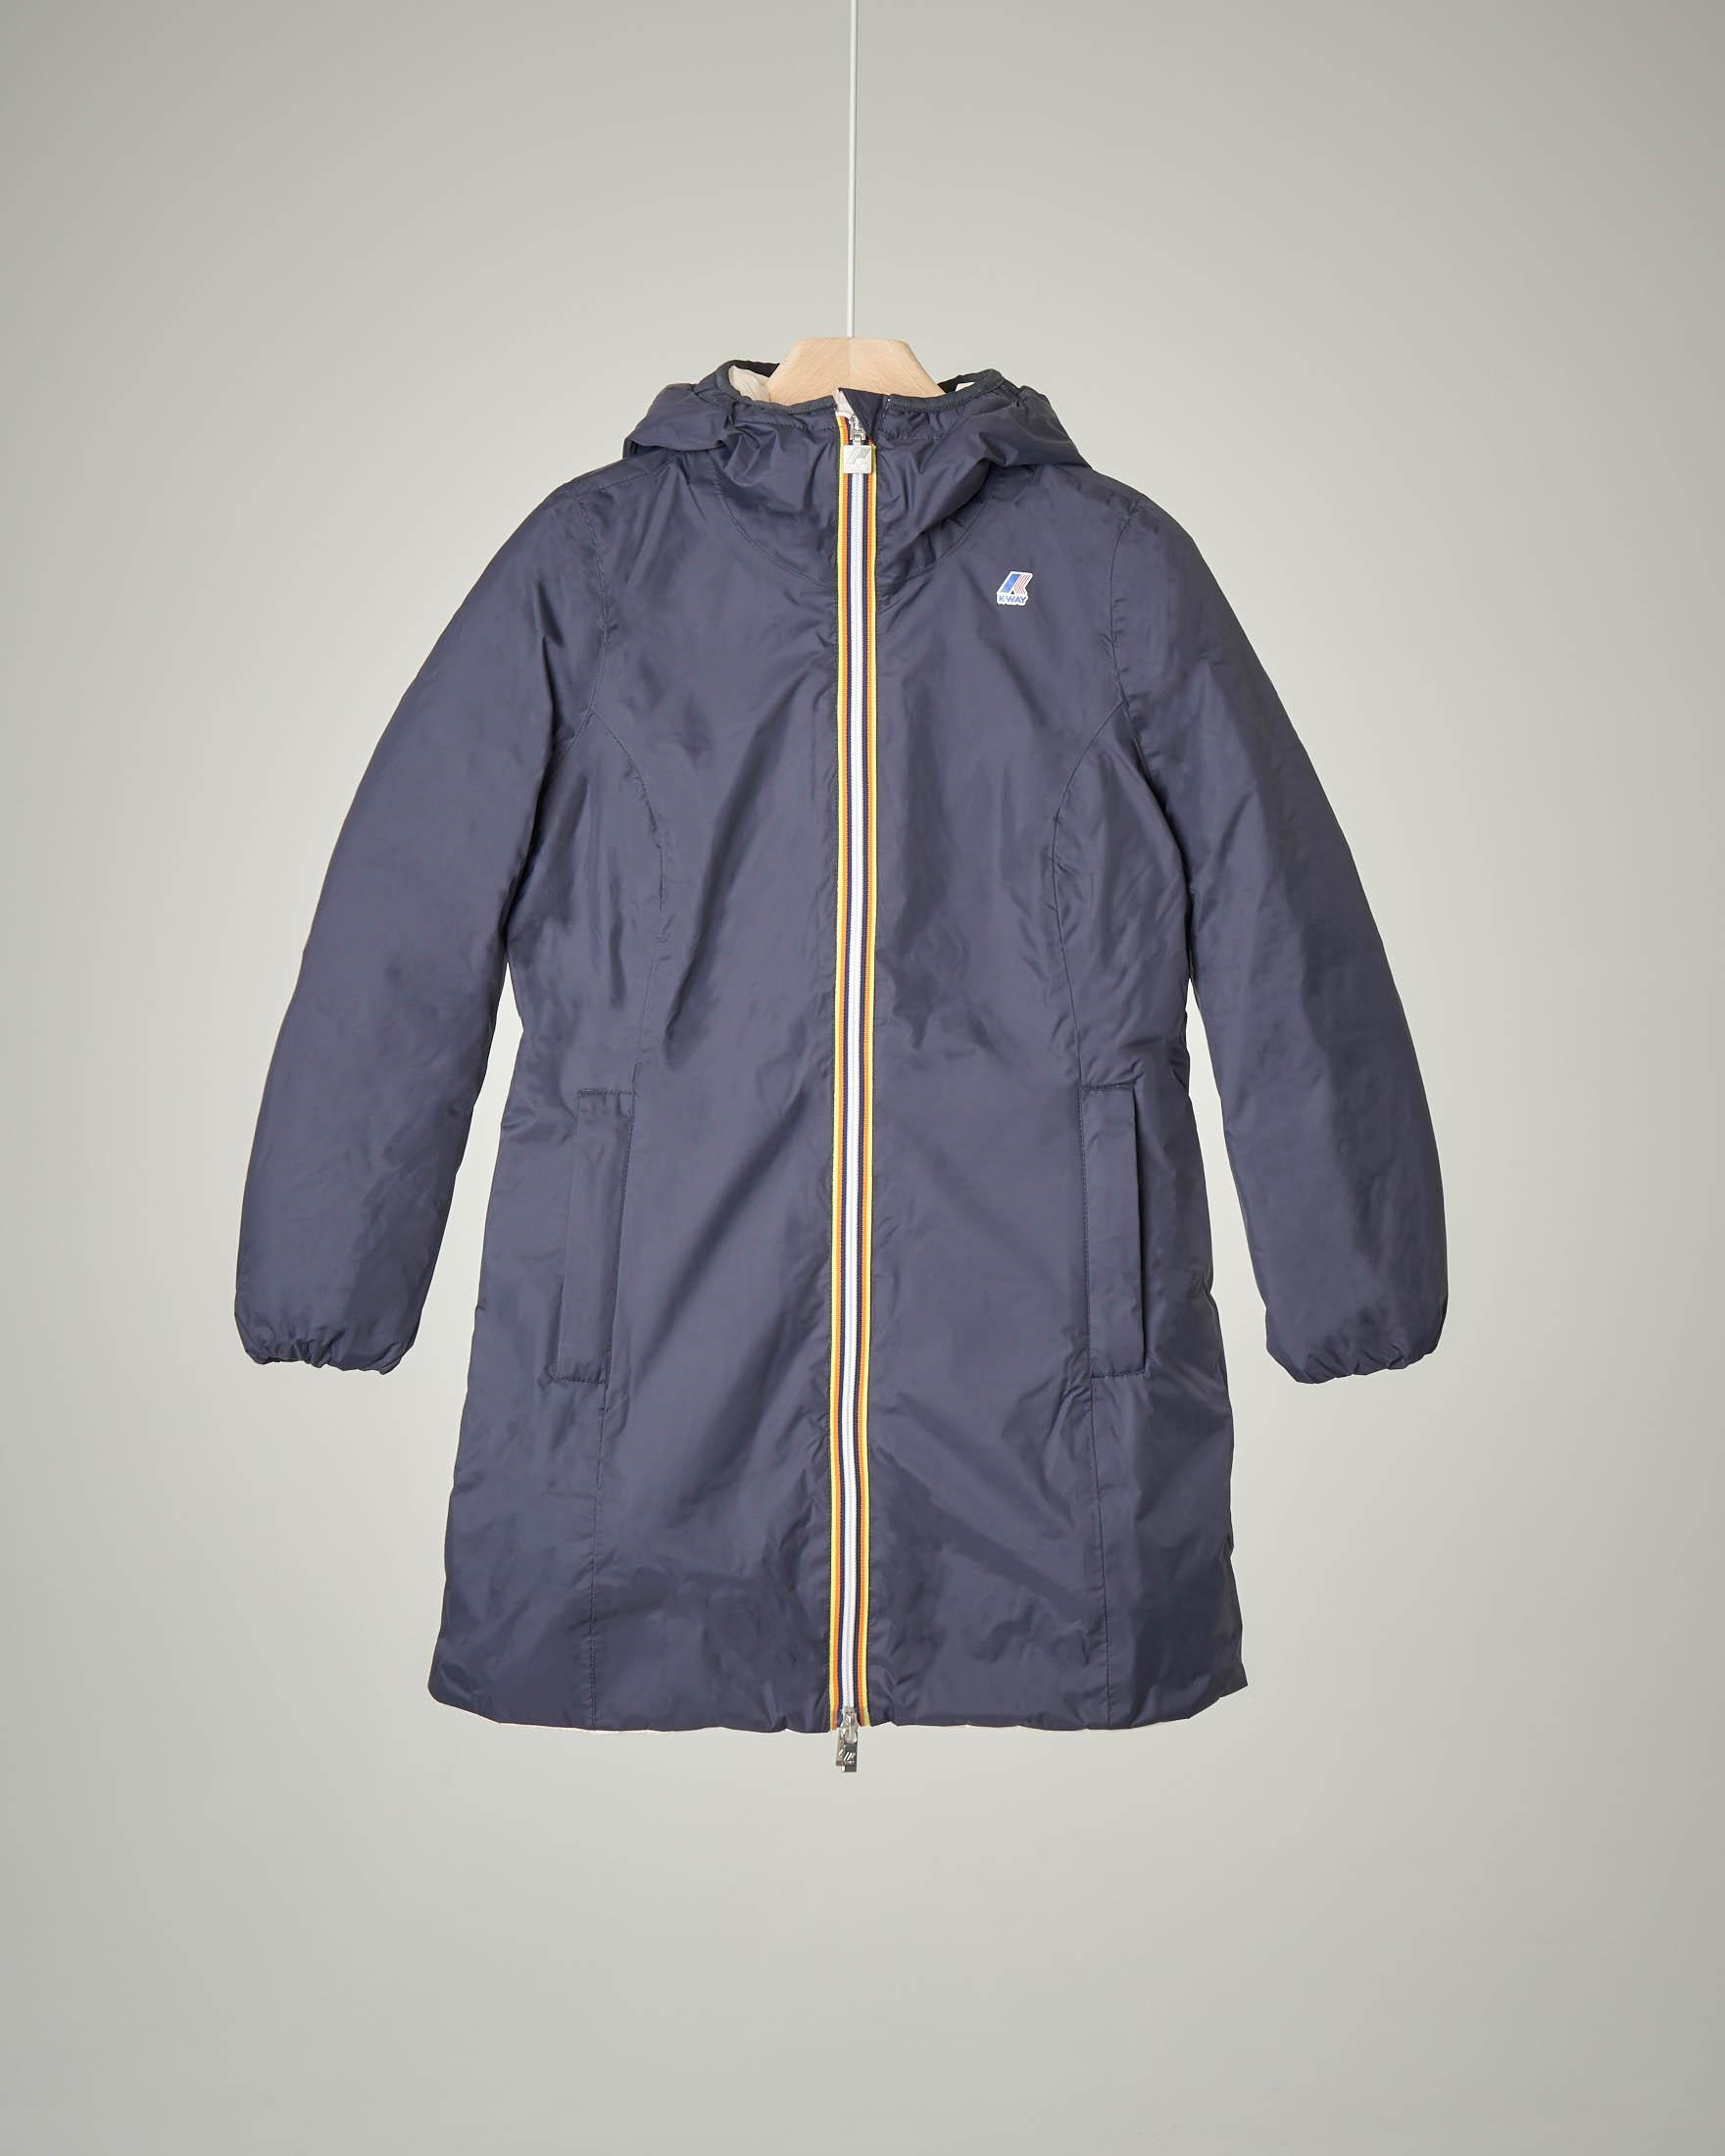 Giaccone blu/beige reversibile